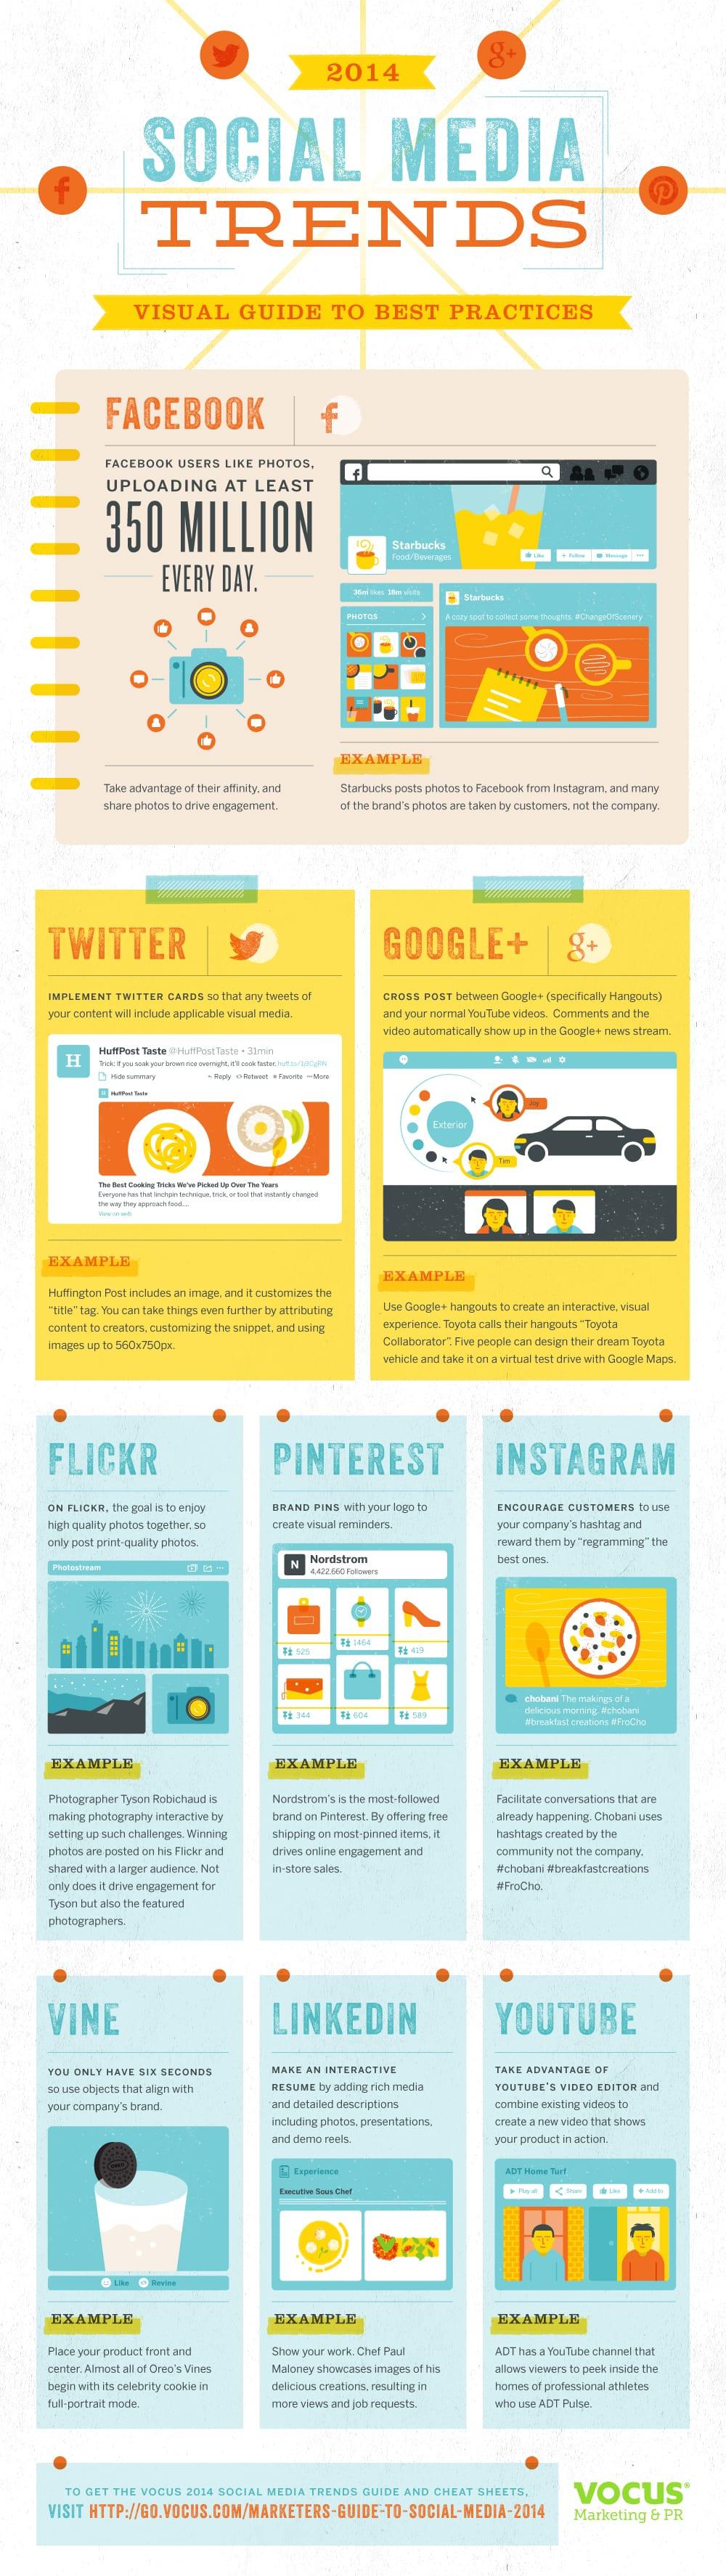 Social media trends 2014 - voorbeelden en tips [infographic]